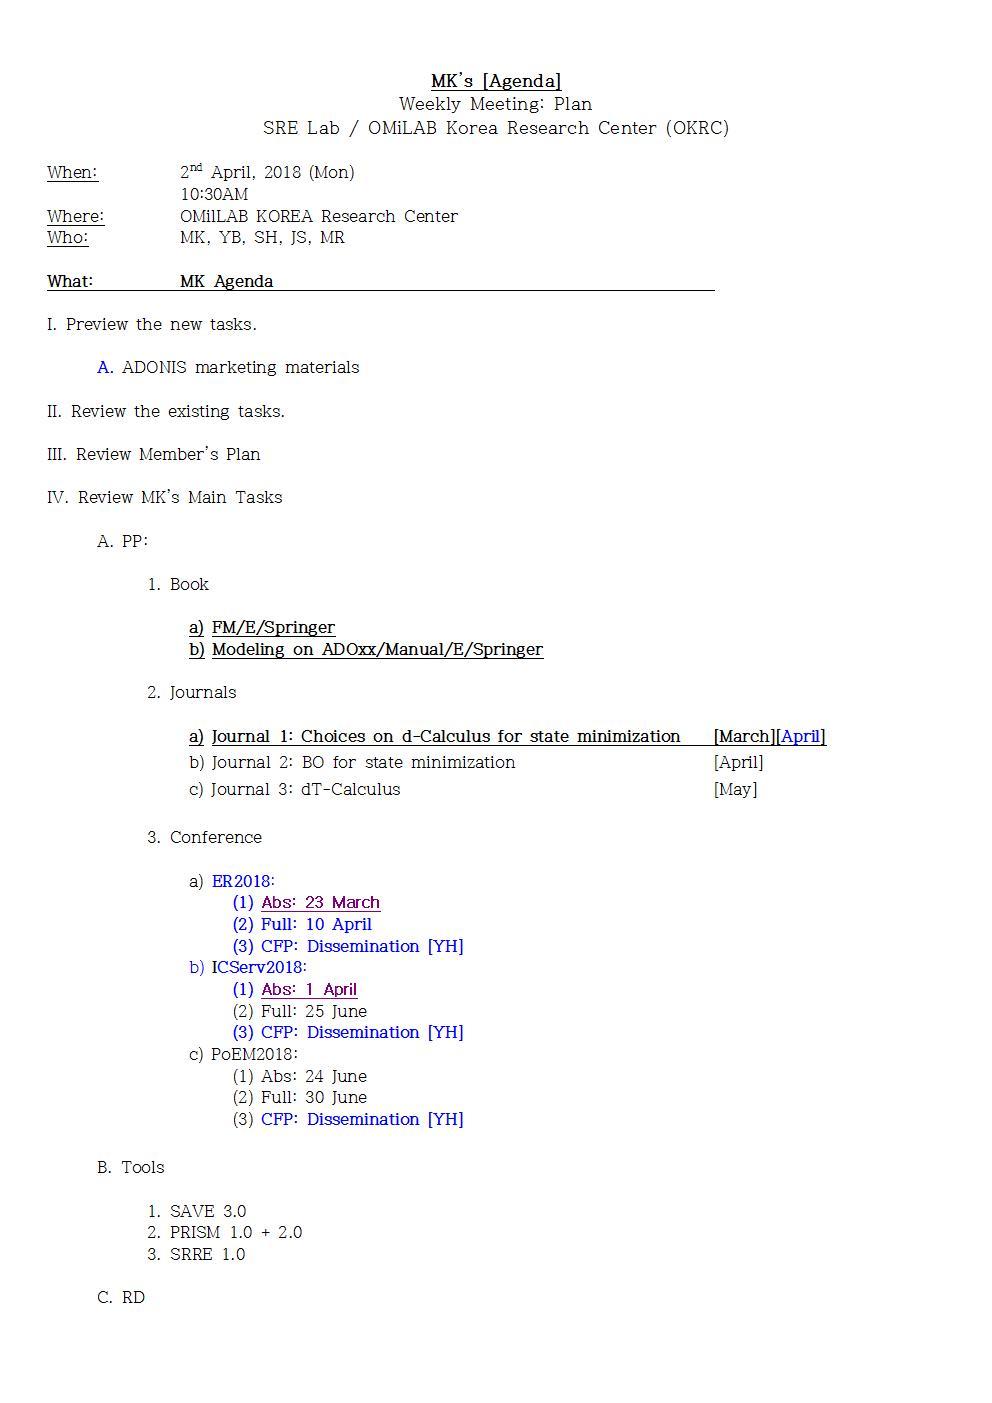 1-Mon-2018-04-02-PLAN-MK-Agenda001.jpg